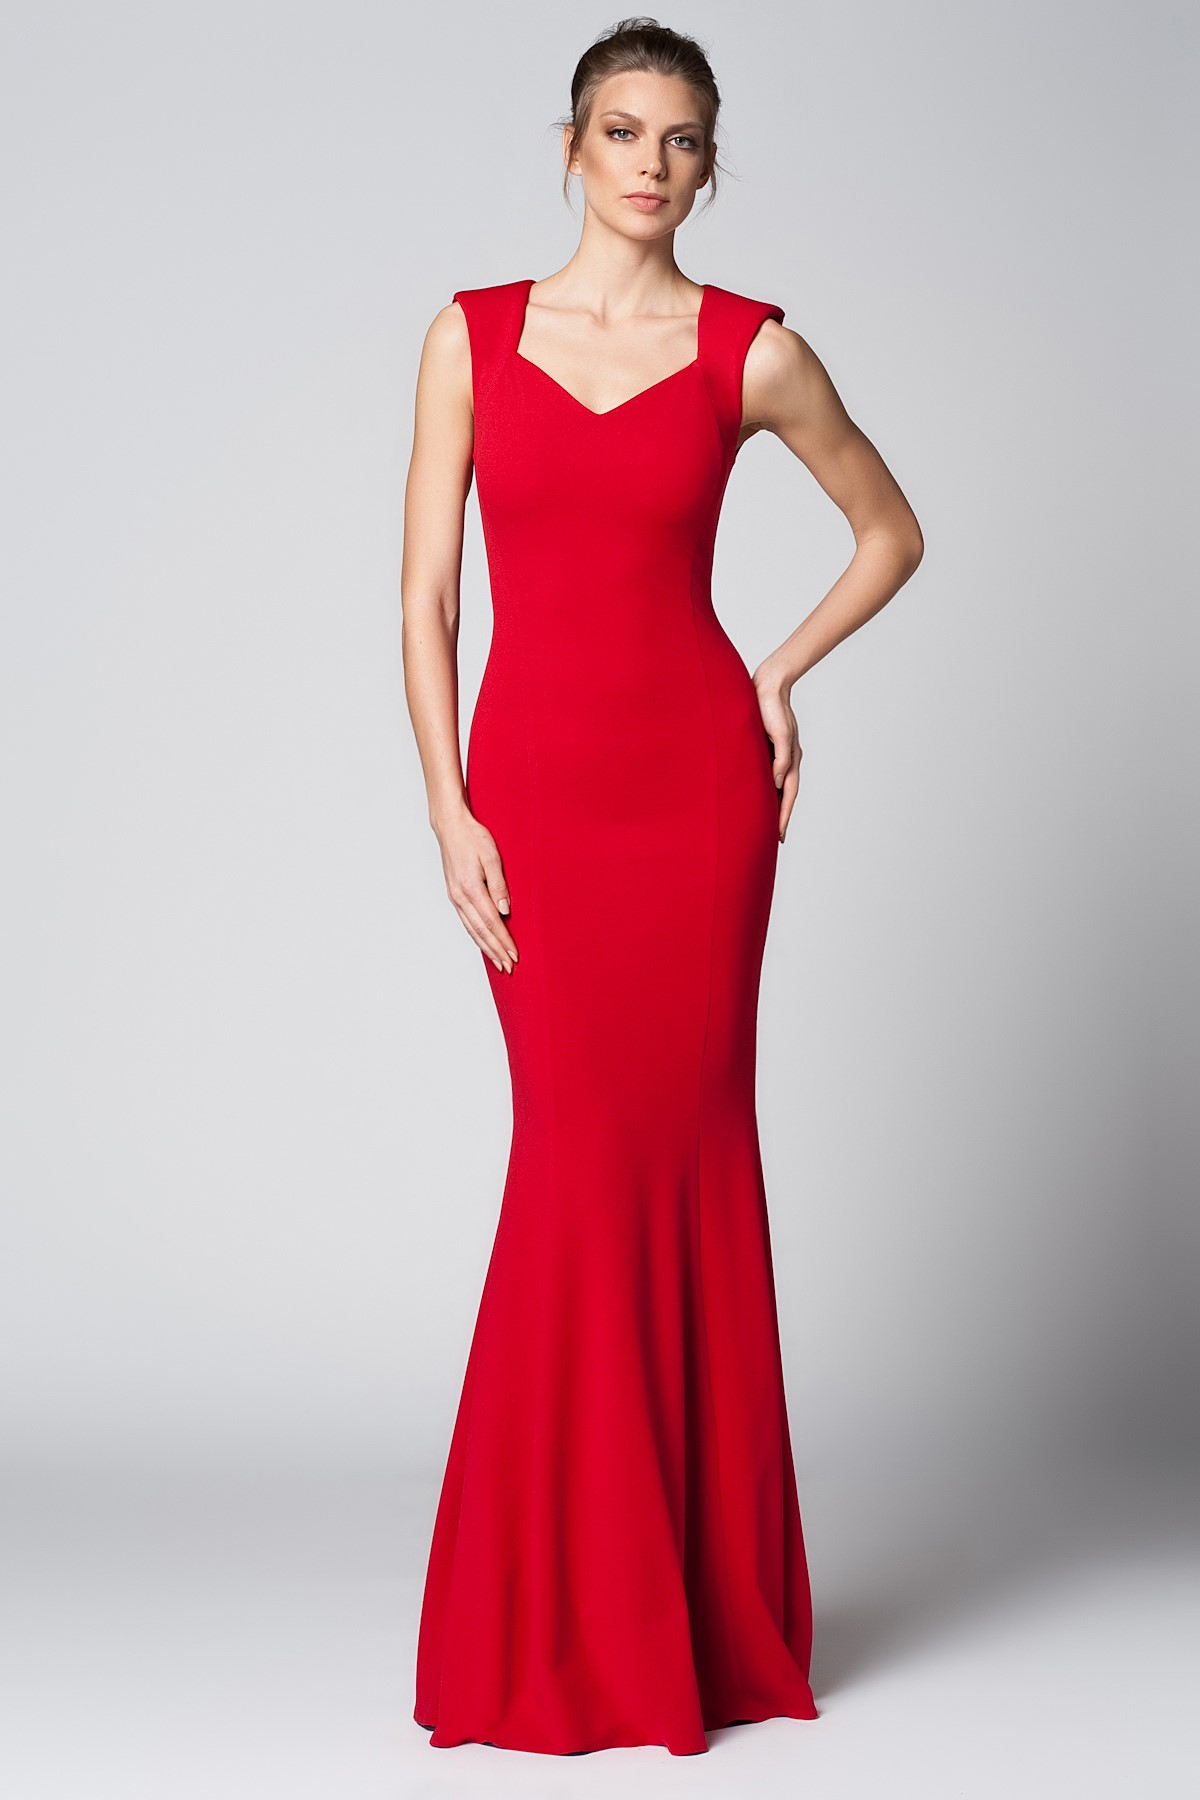 8468fd327de95 Askılı Kırmızı 2015 Mezuniyet Elbisesi Modelleri